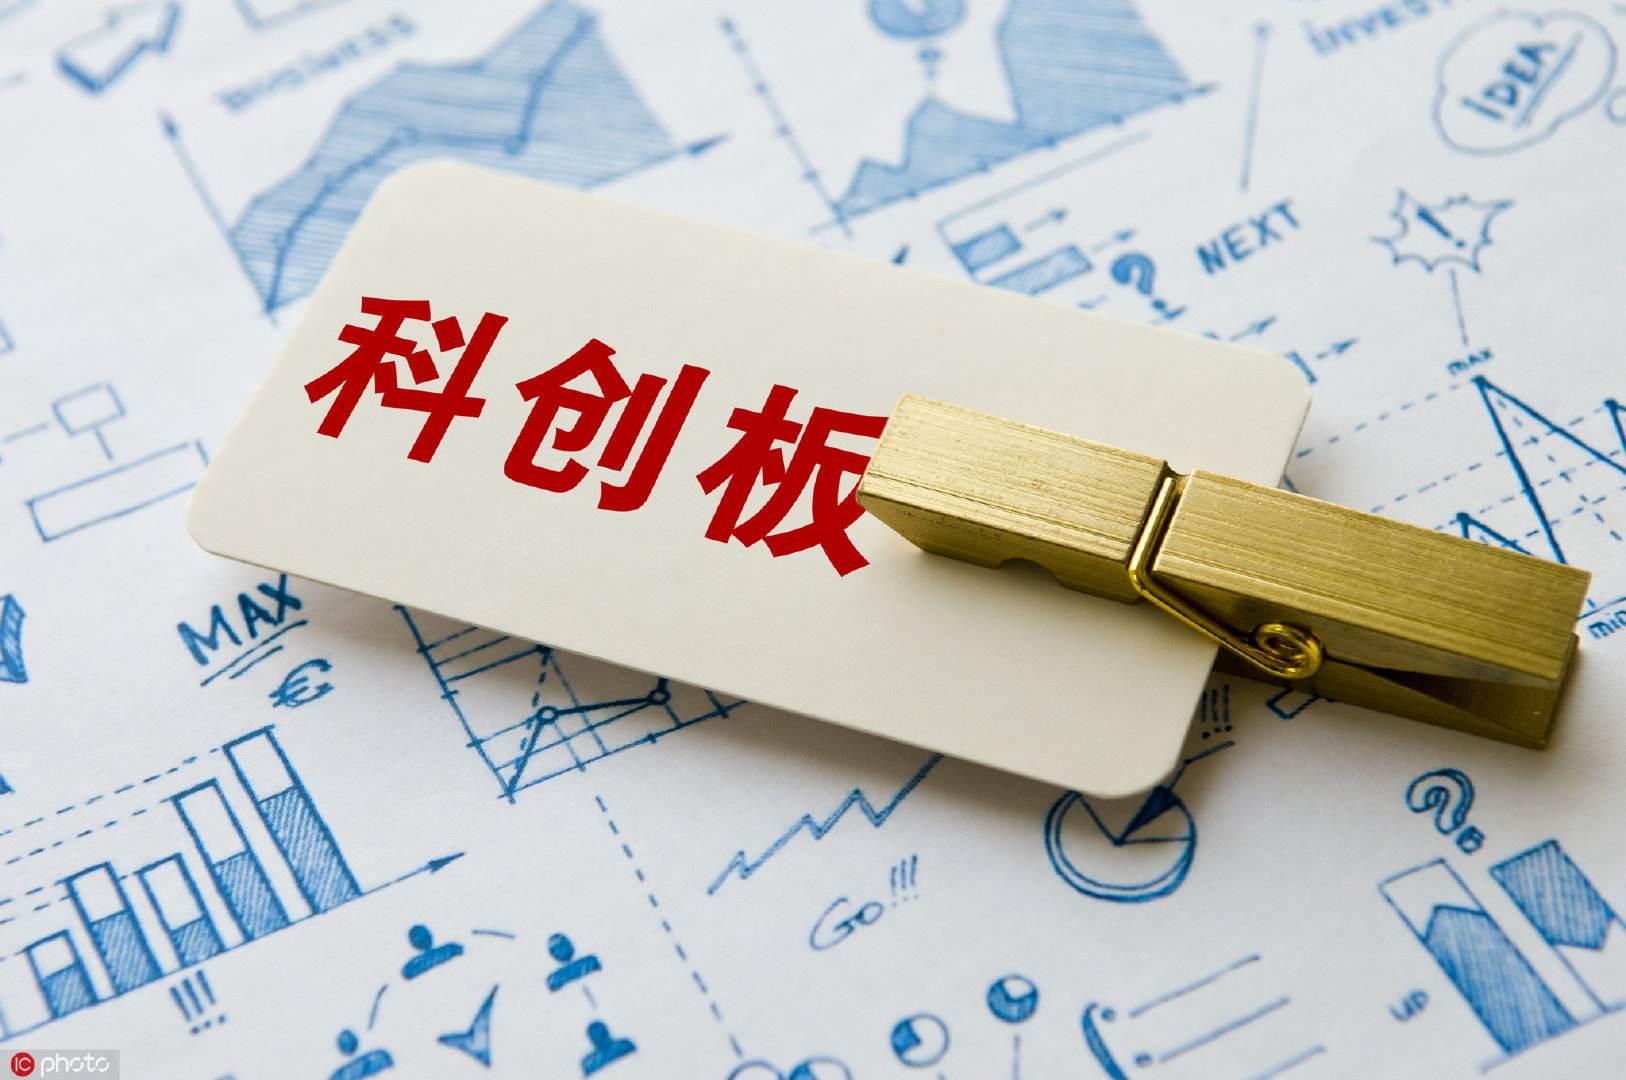 两类投资者遭重点核查 已开科创板权限或被取消